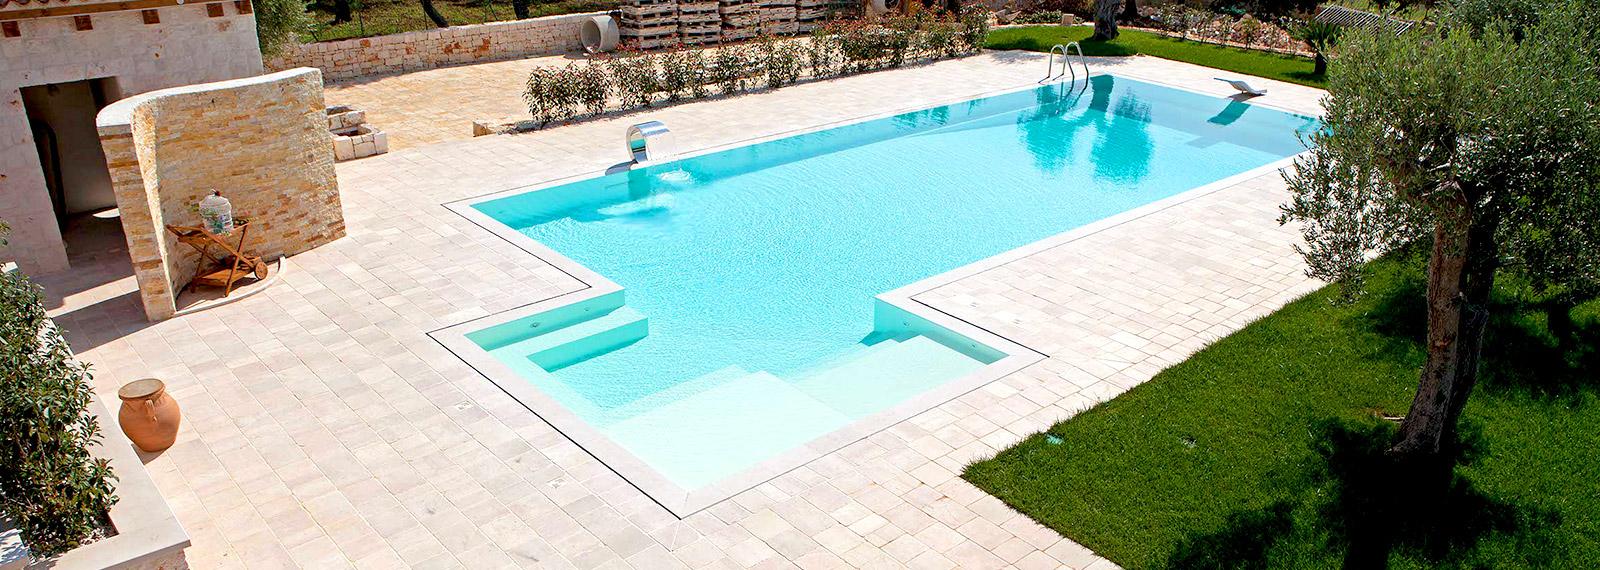 piscine castiglione costruzione piscine interrate dal 1961